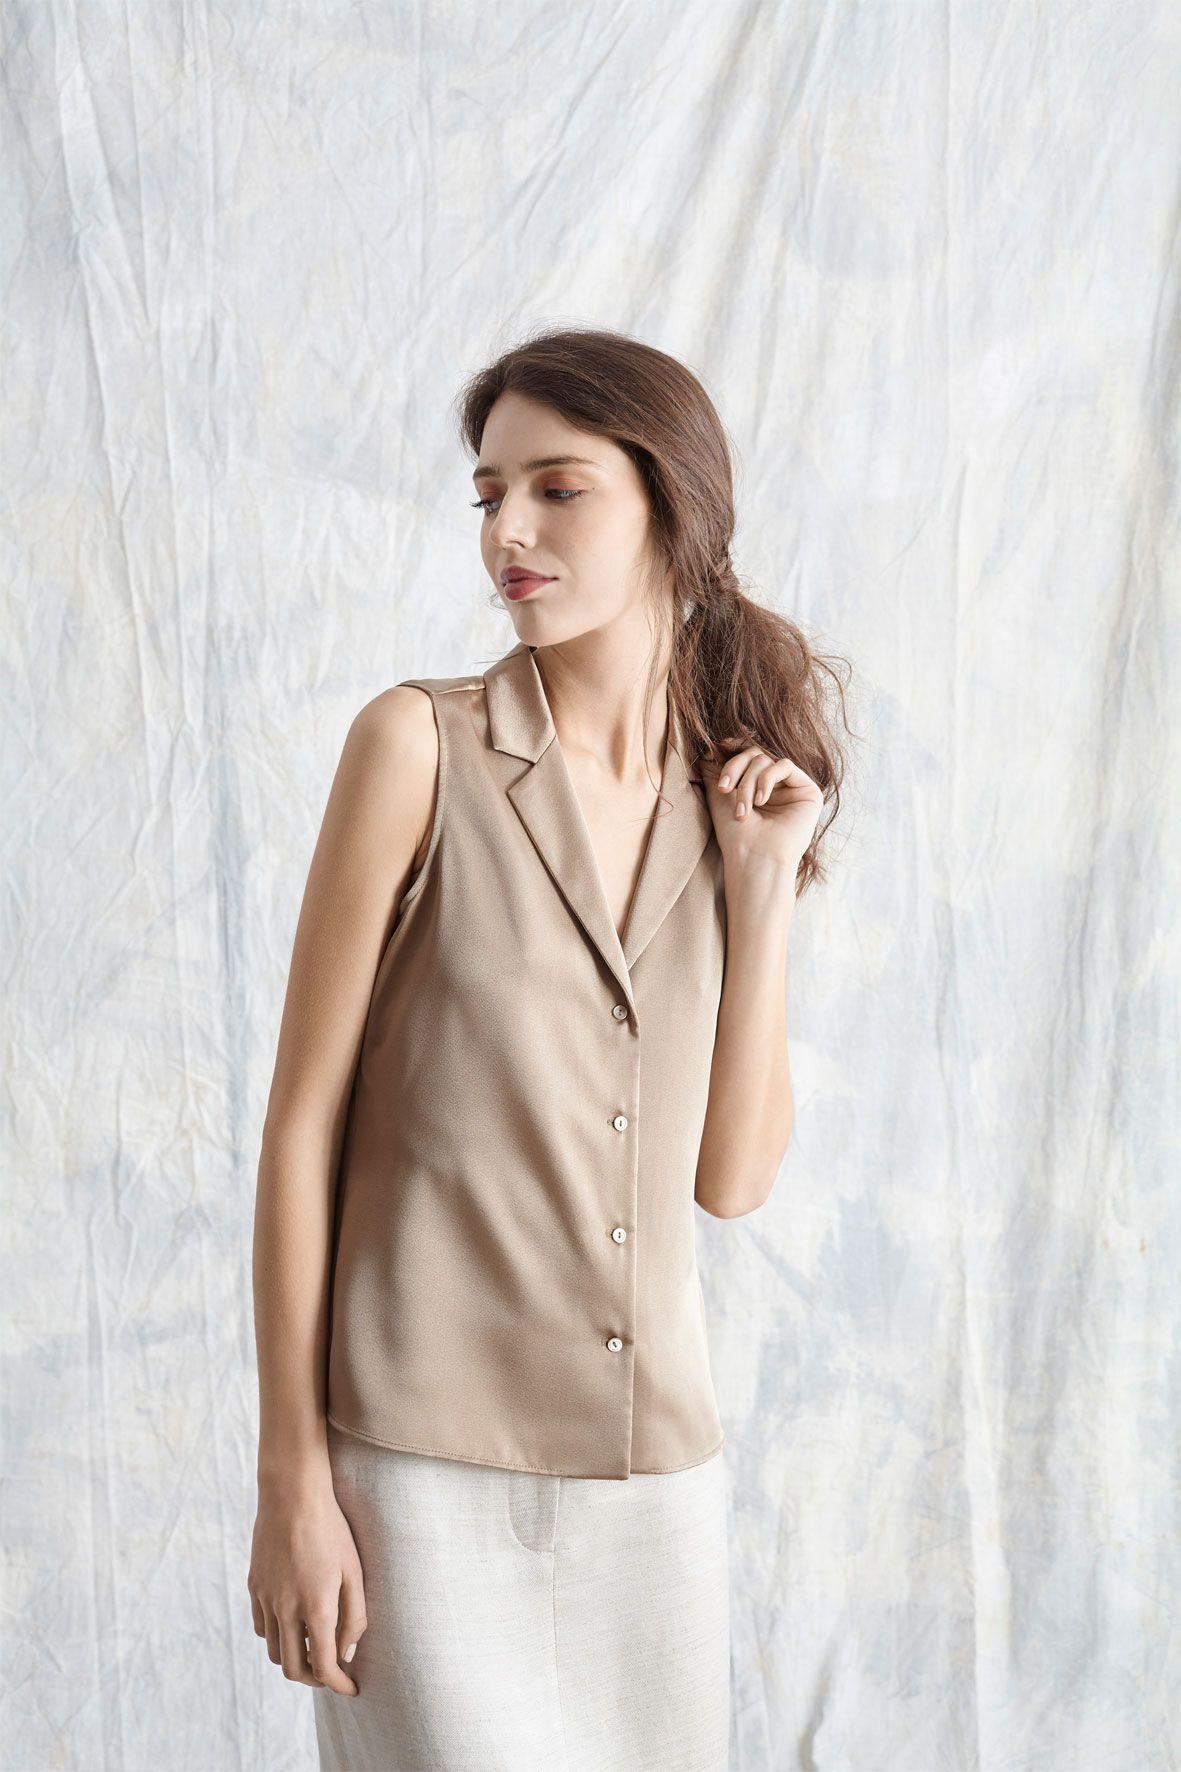 diseñadora-de-moda-Bianca Top